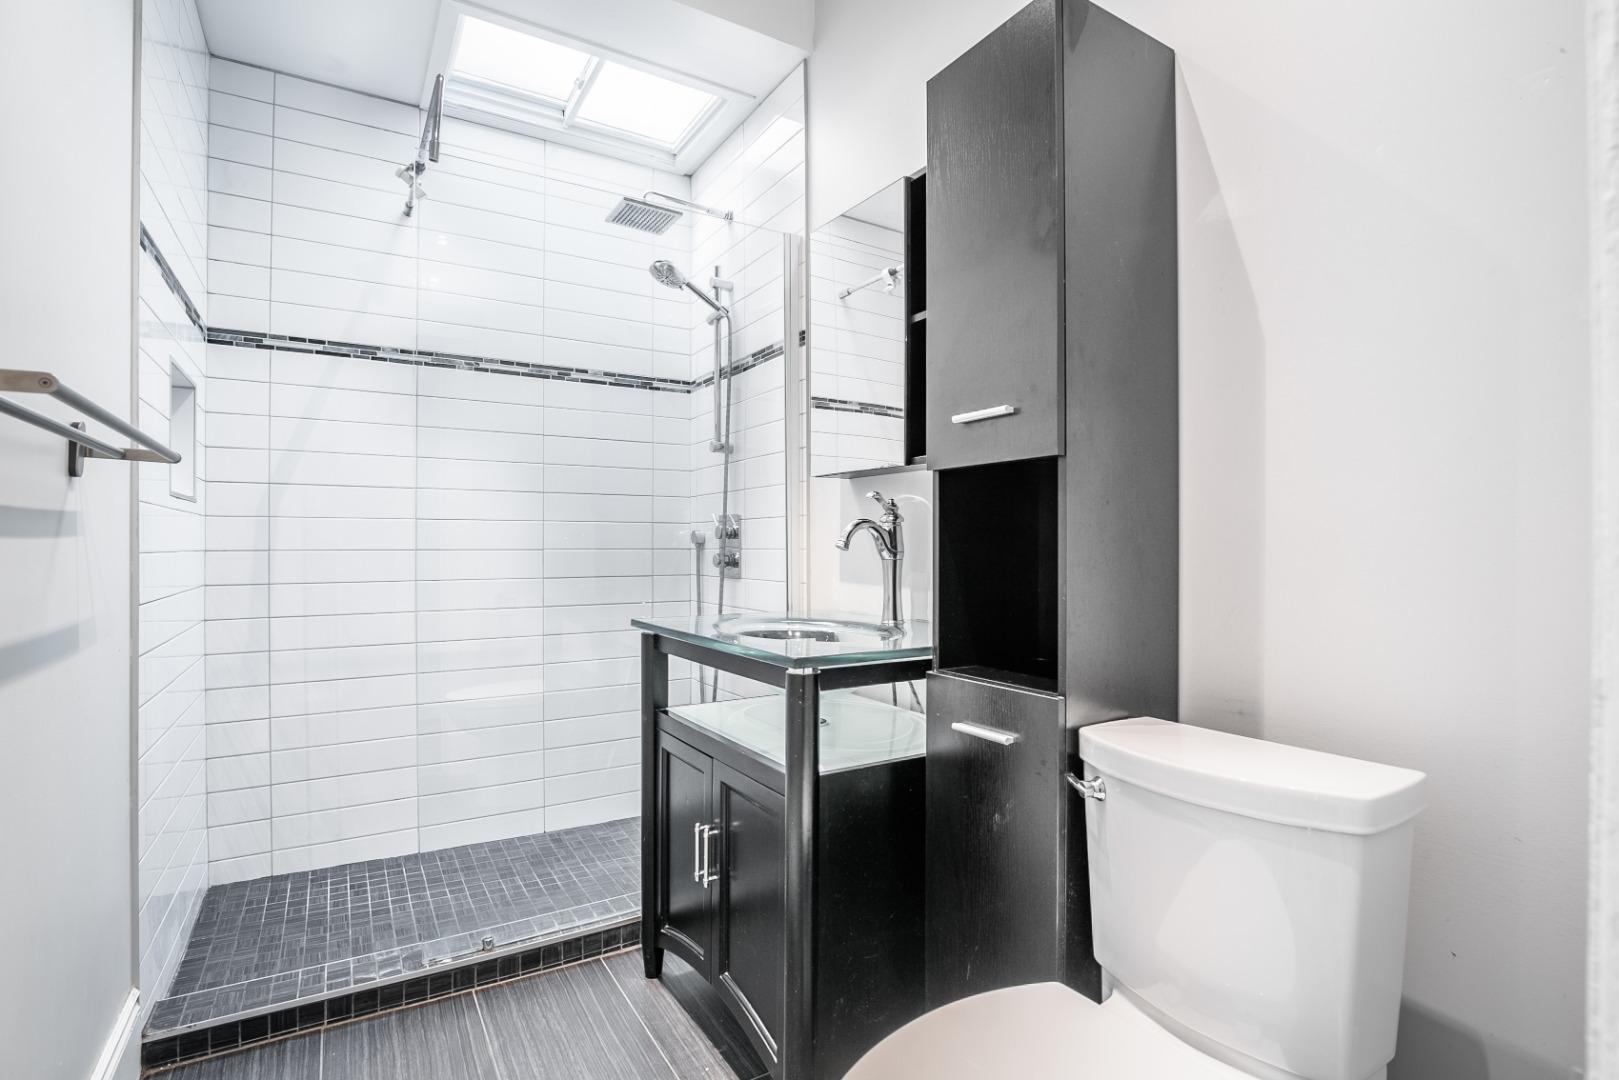 Appartement à louer Rosemont - 6403, rue de Bordeaux 18